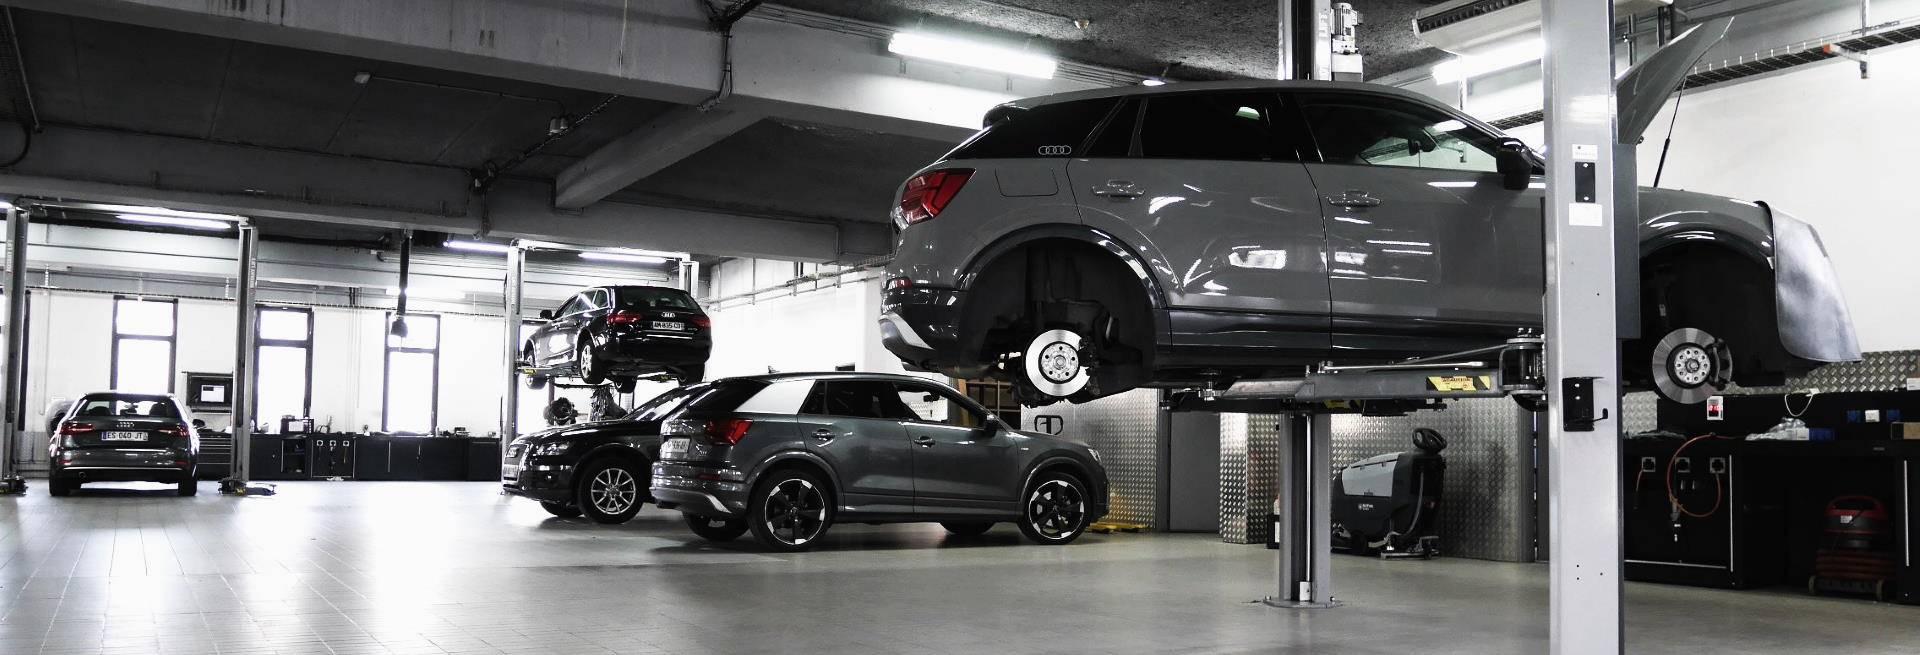 Atelier Audi Bauer Paris Saint-Ouen 93